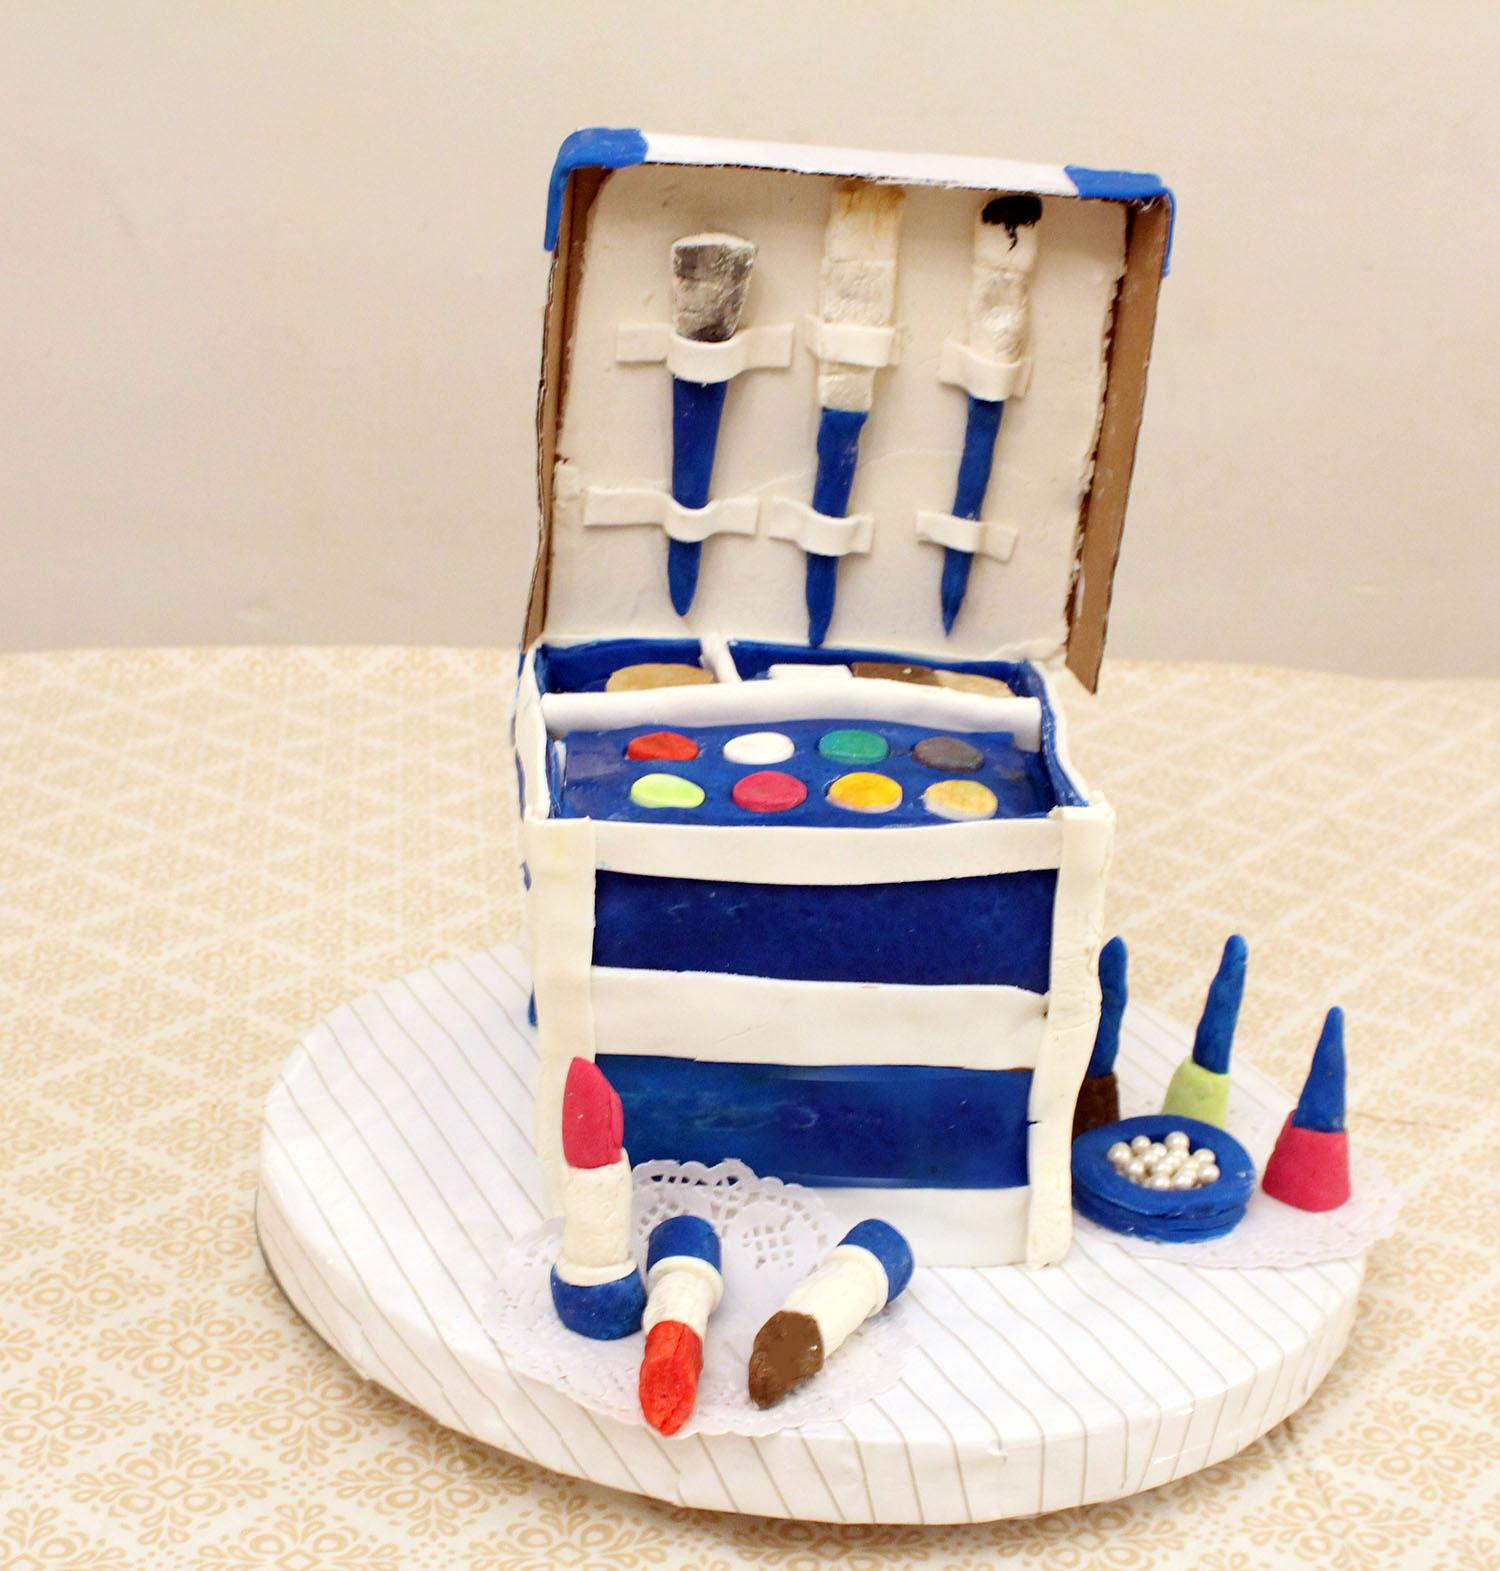 IMG 6441 - עוגה : סט איפור